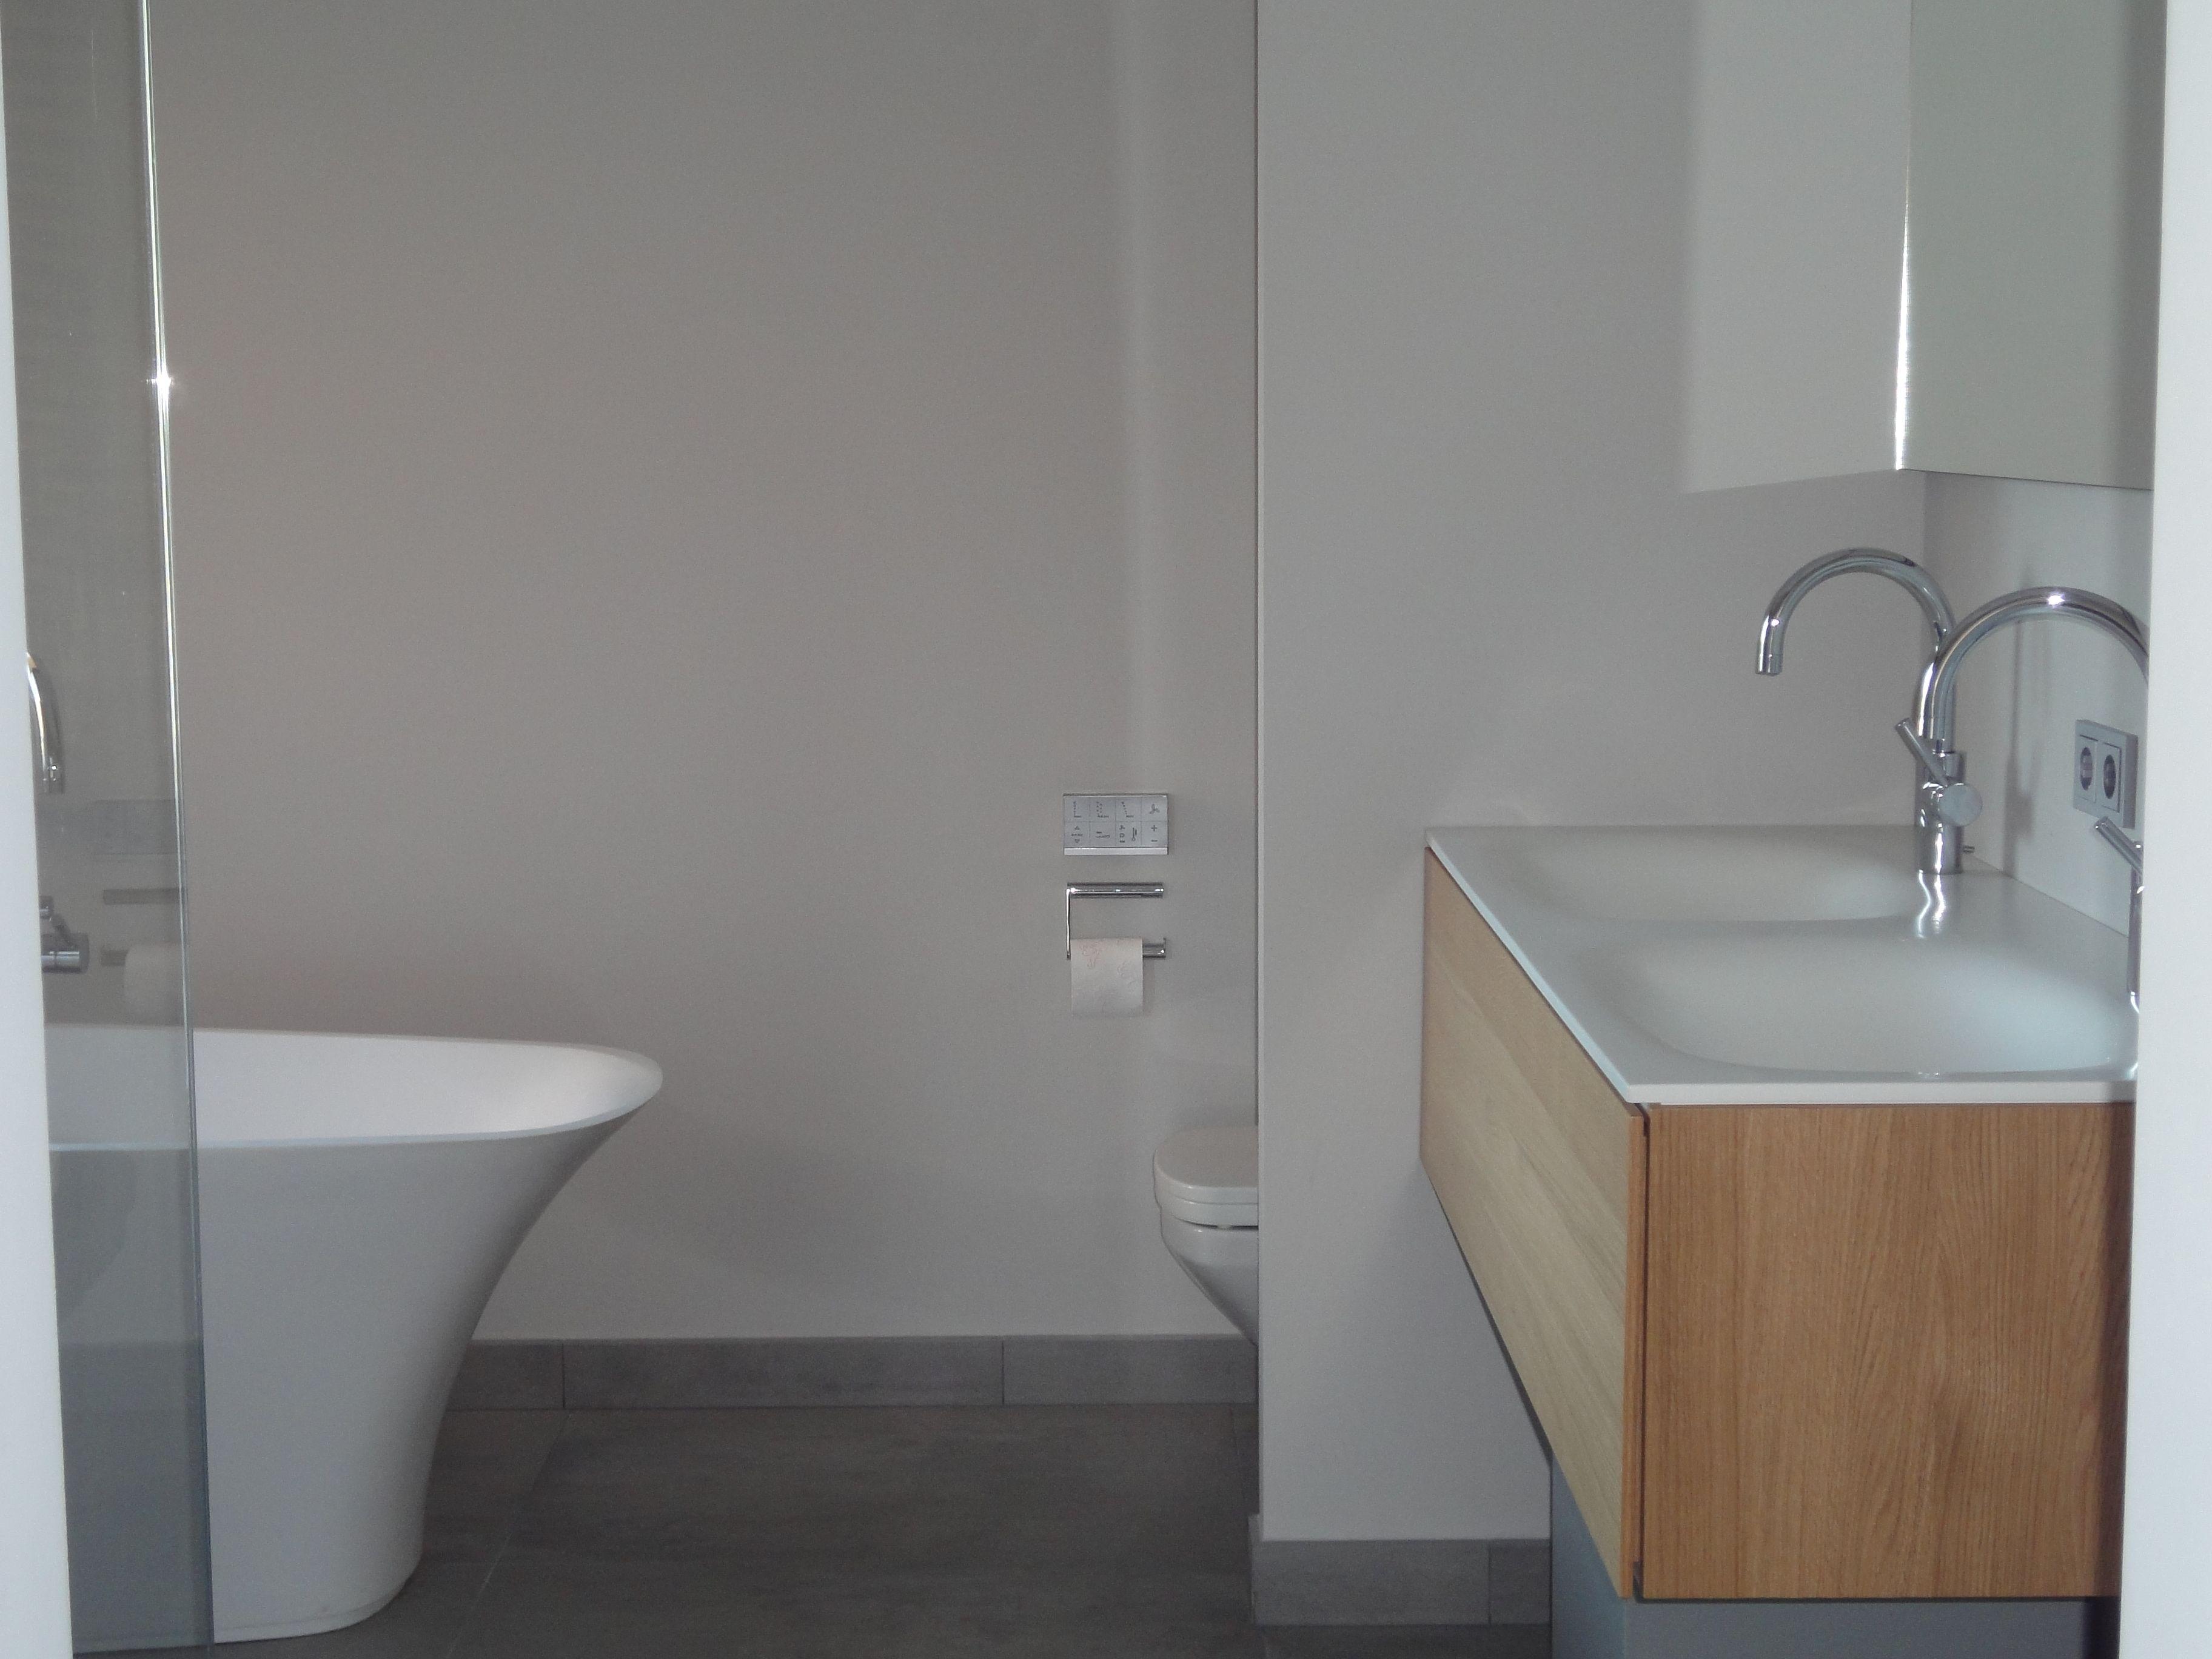 Badkamer Renovatie Deurne : Sanidrõme thijssen uit deurne toont graag de door hen